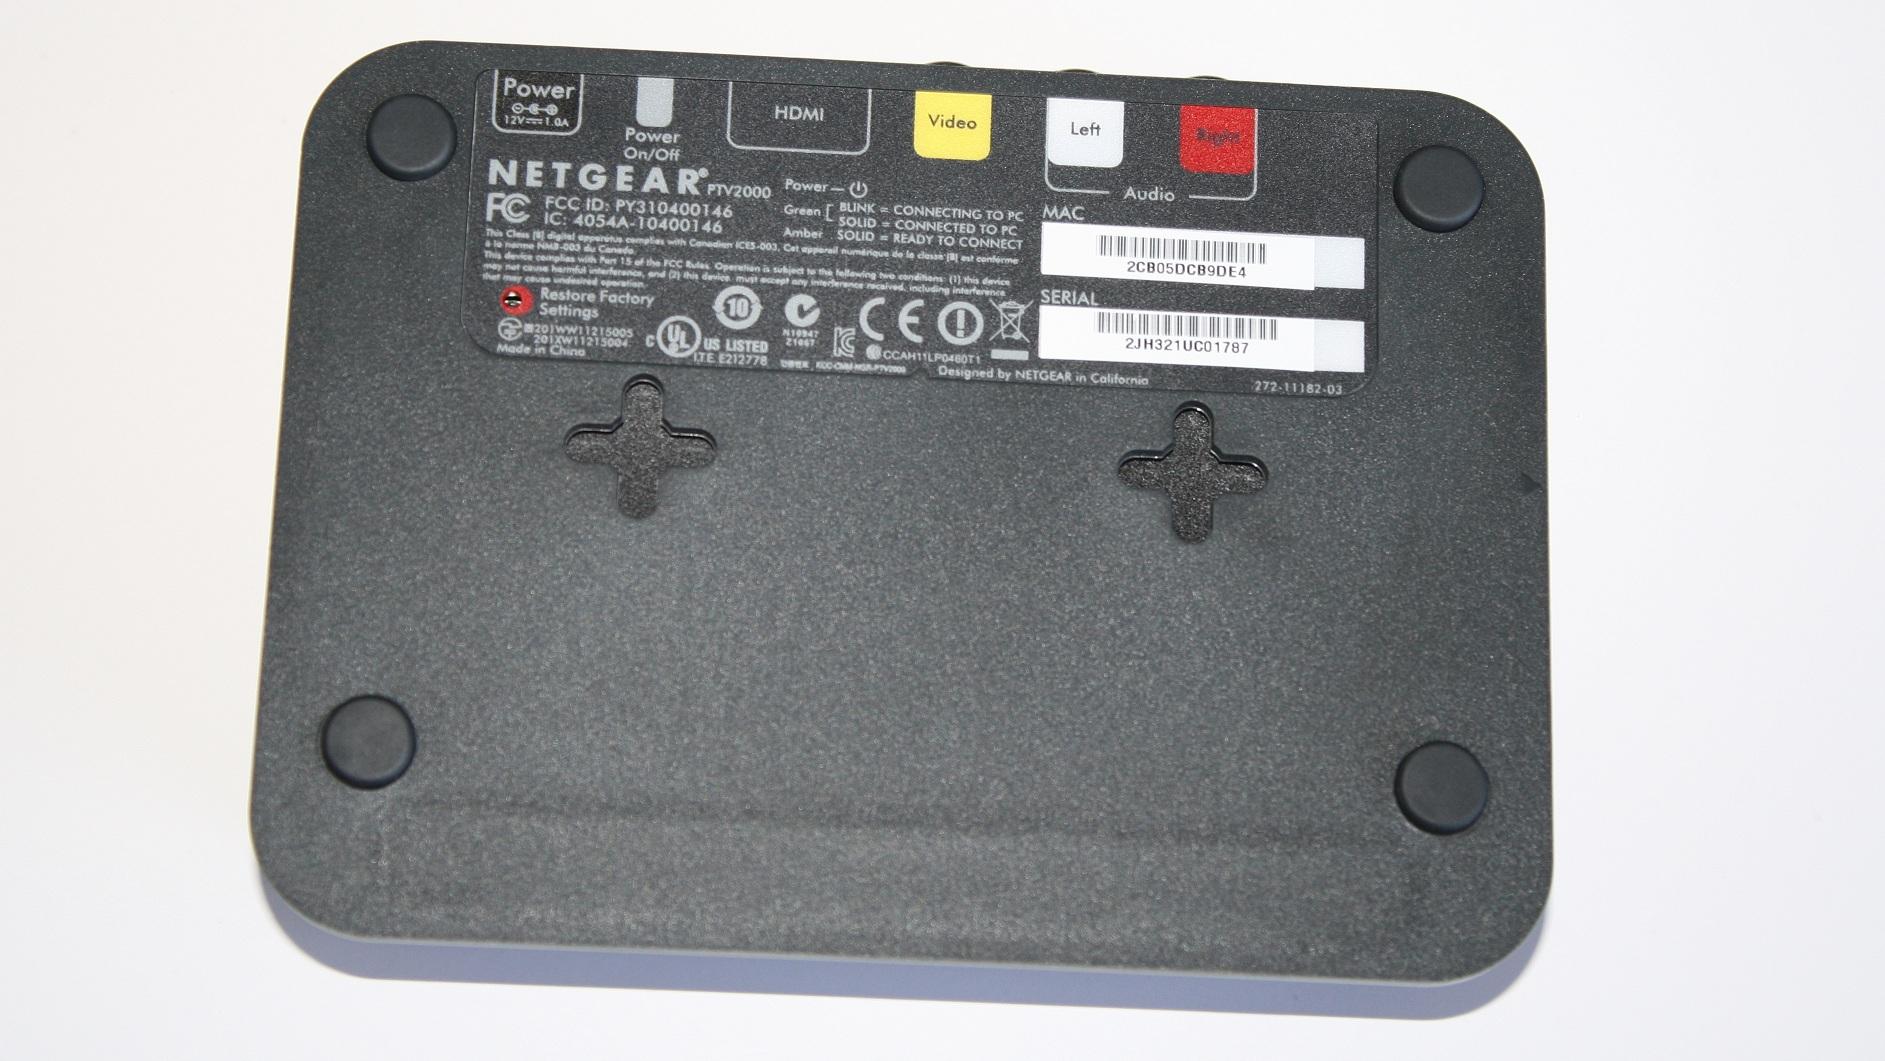 Netgear_PTV2000_5